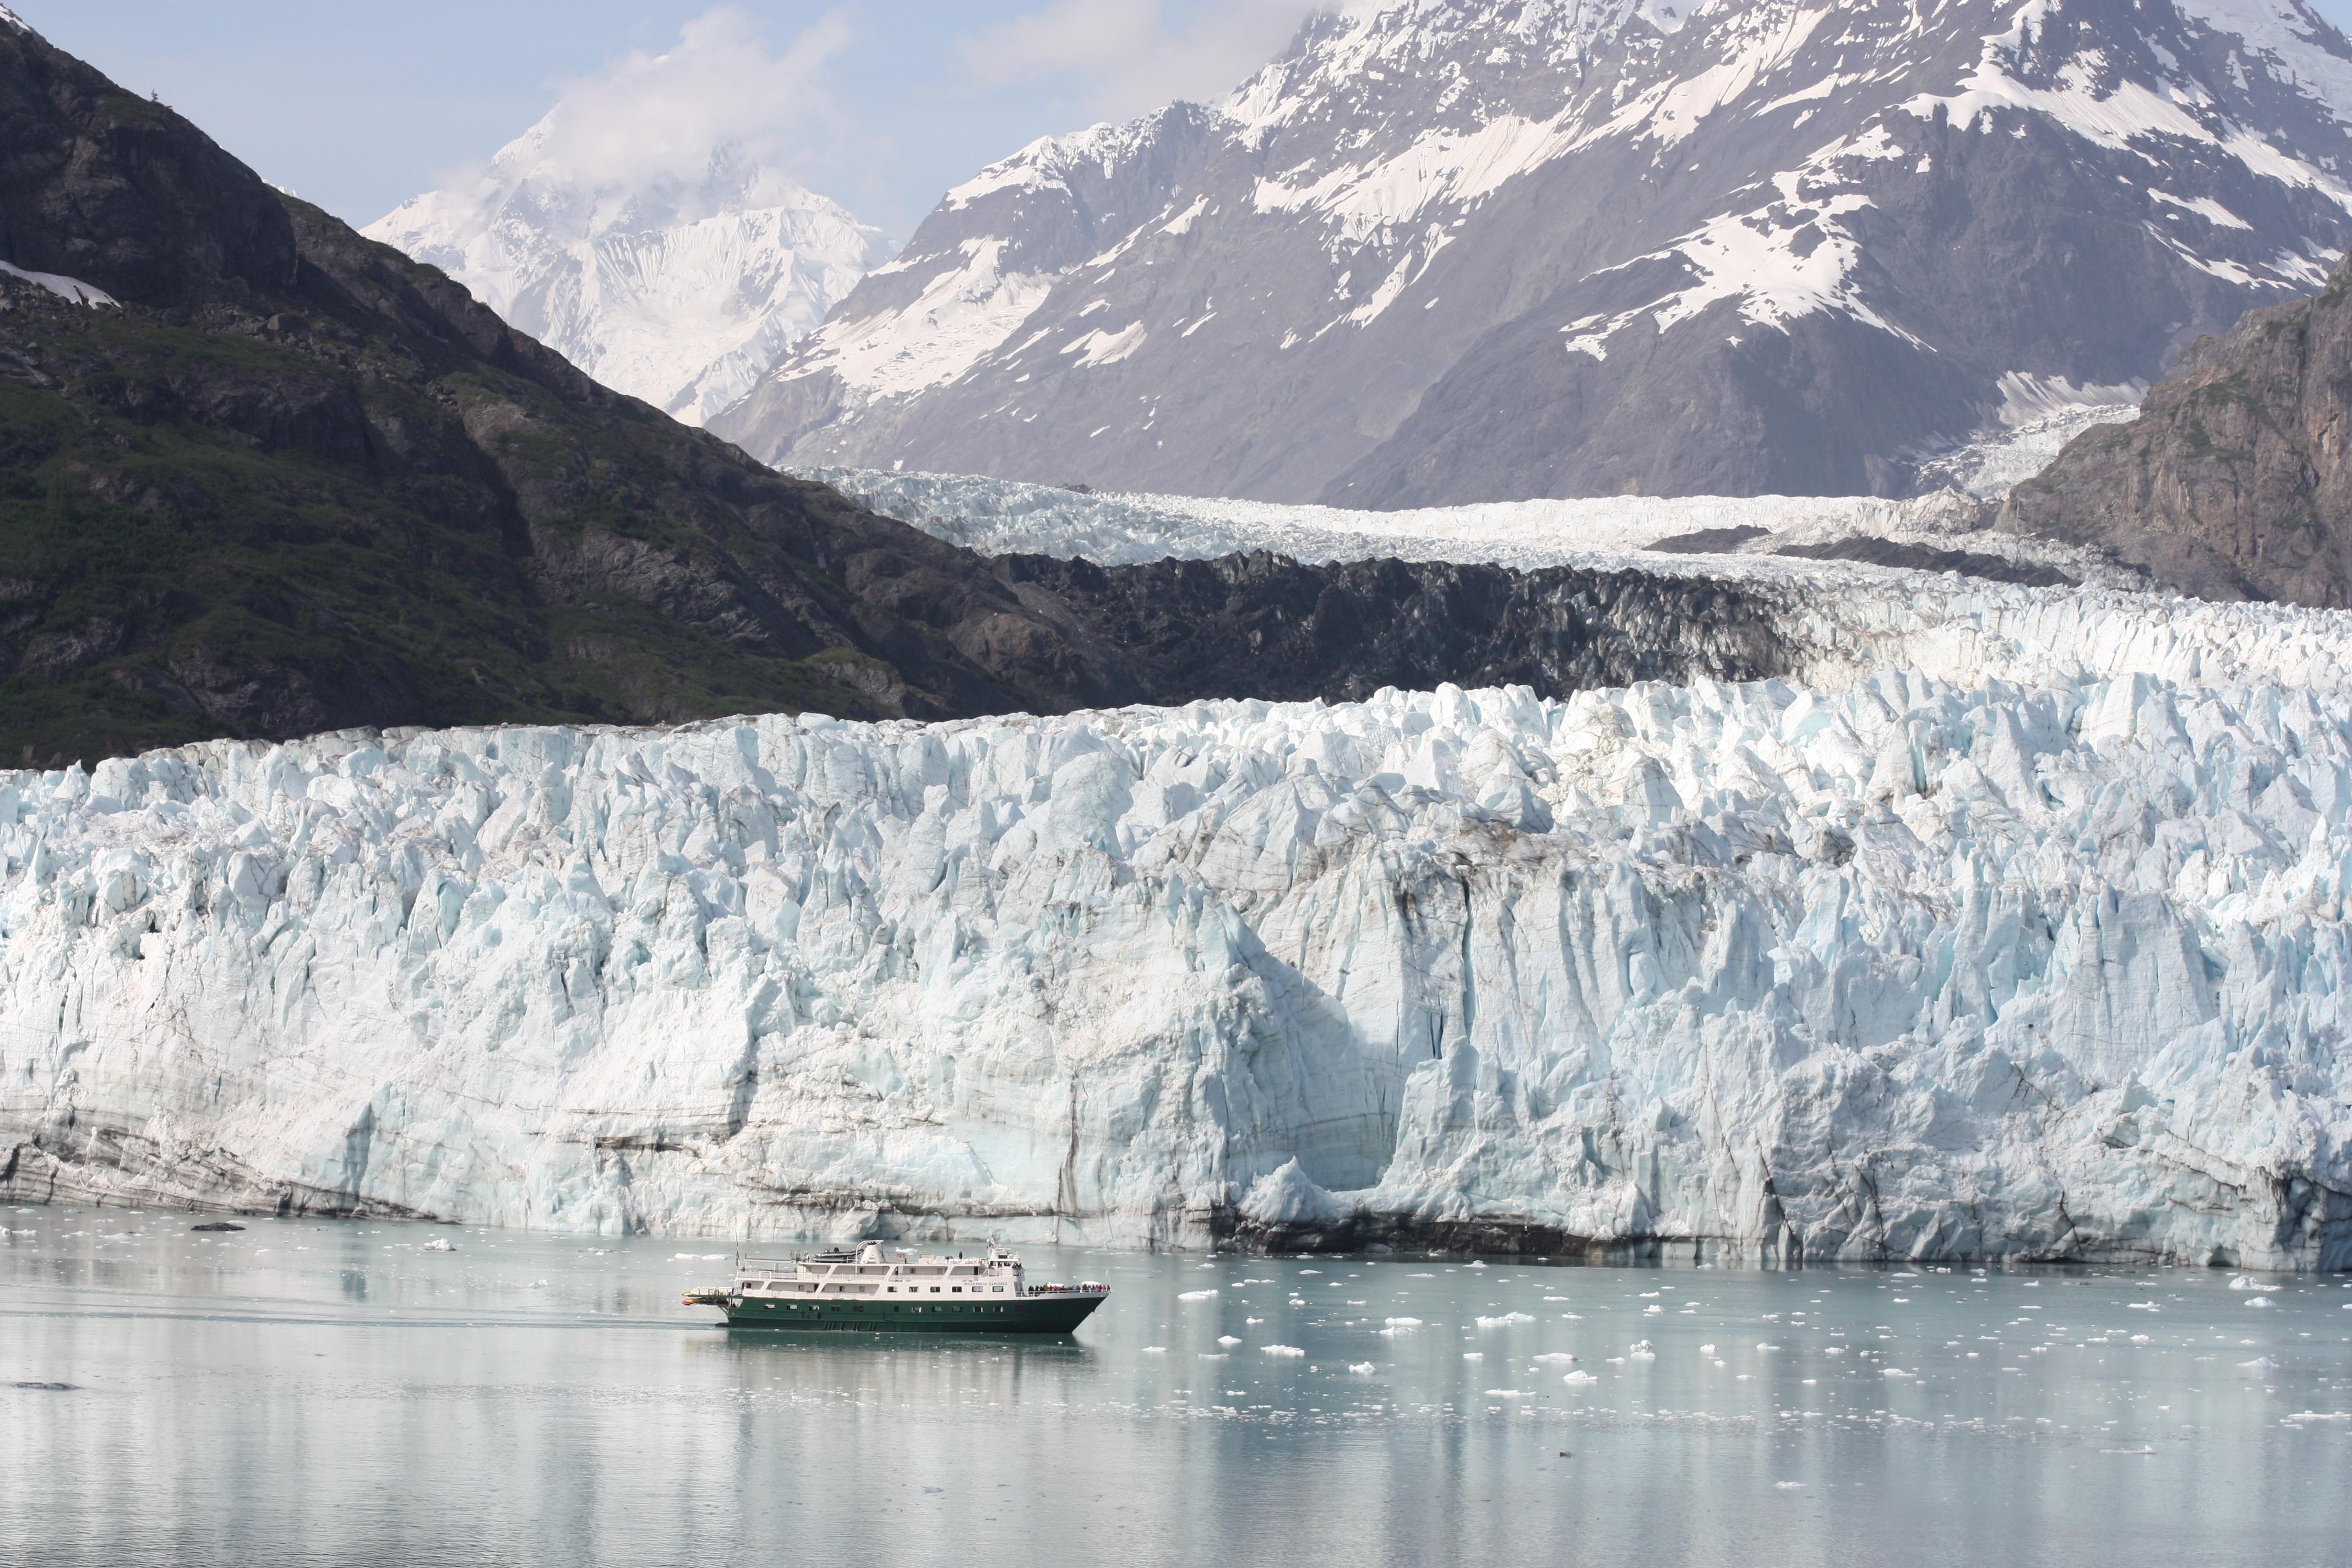 Alaska Glacier Bay Wallpaper Hd Nature 4k Wallpapers Wallpapers Den 1920 x 1080 jpeg 145 kb. alaska glacier bay wallpaper hd